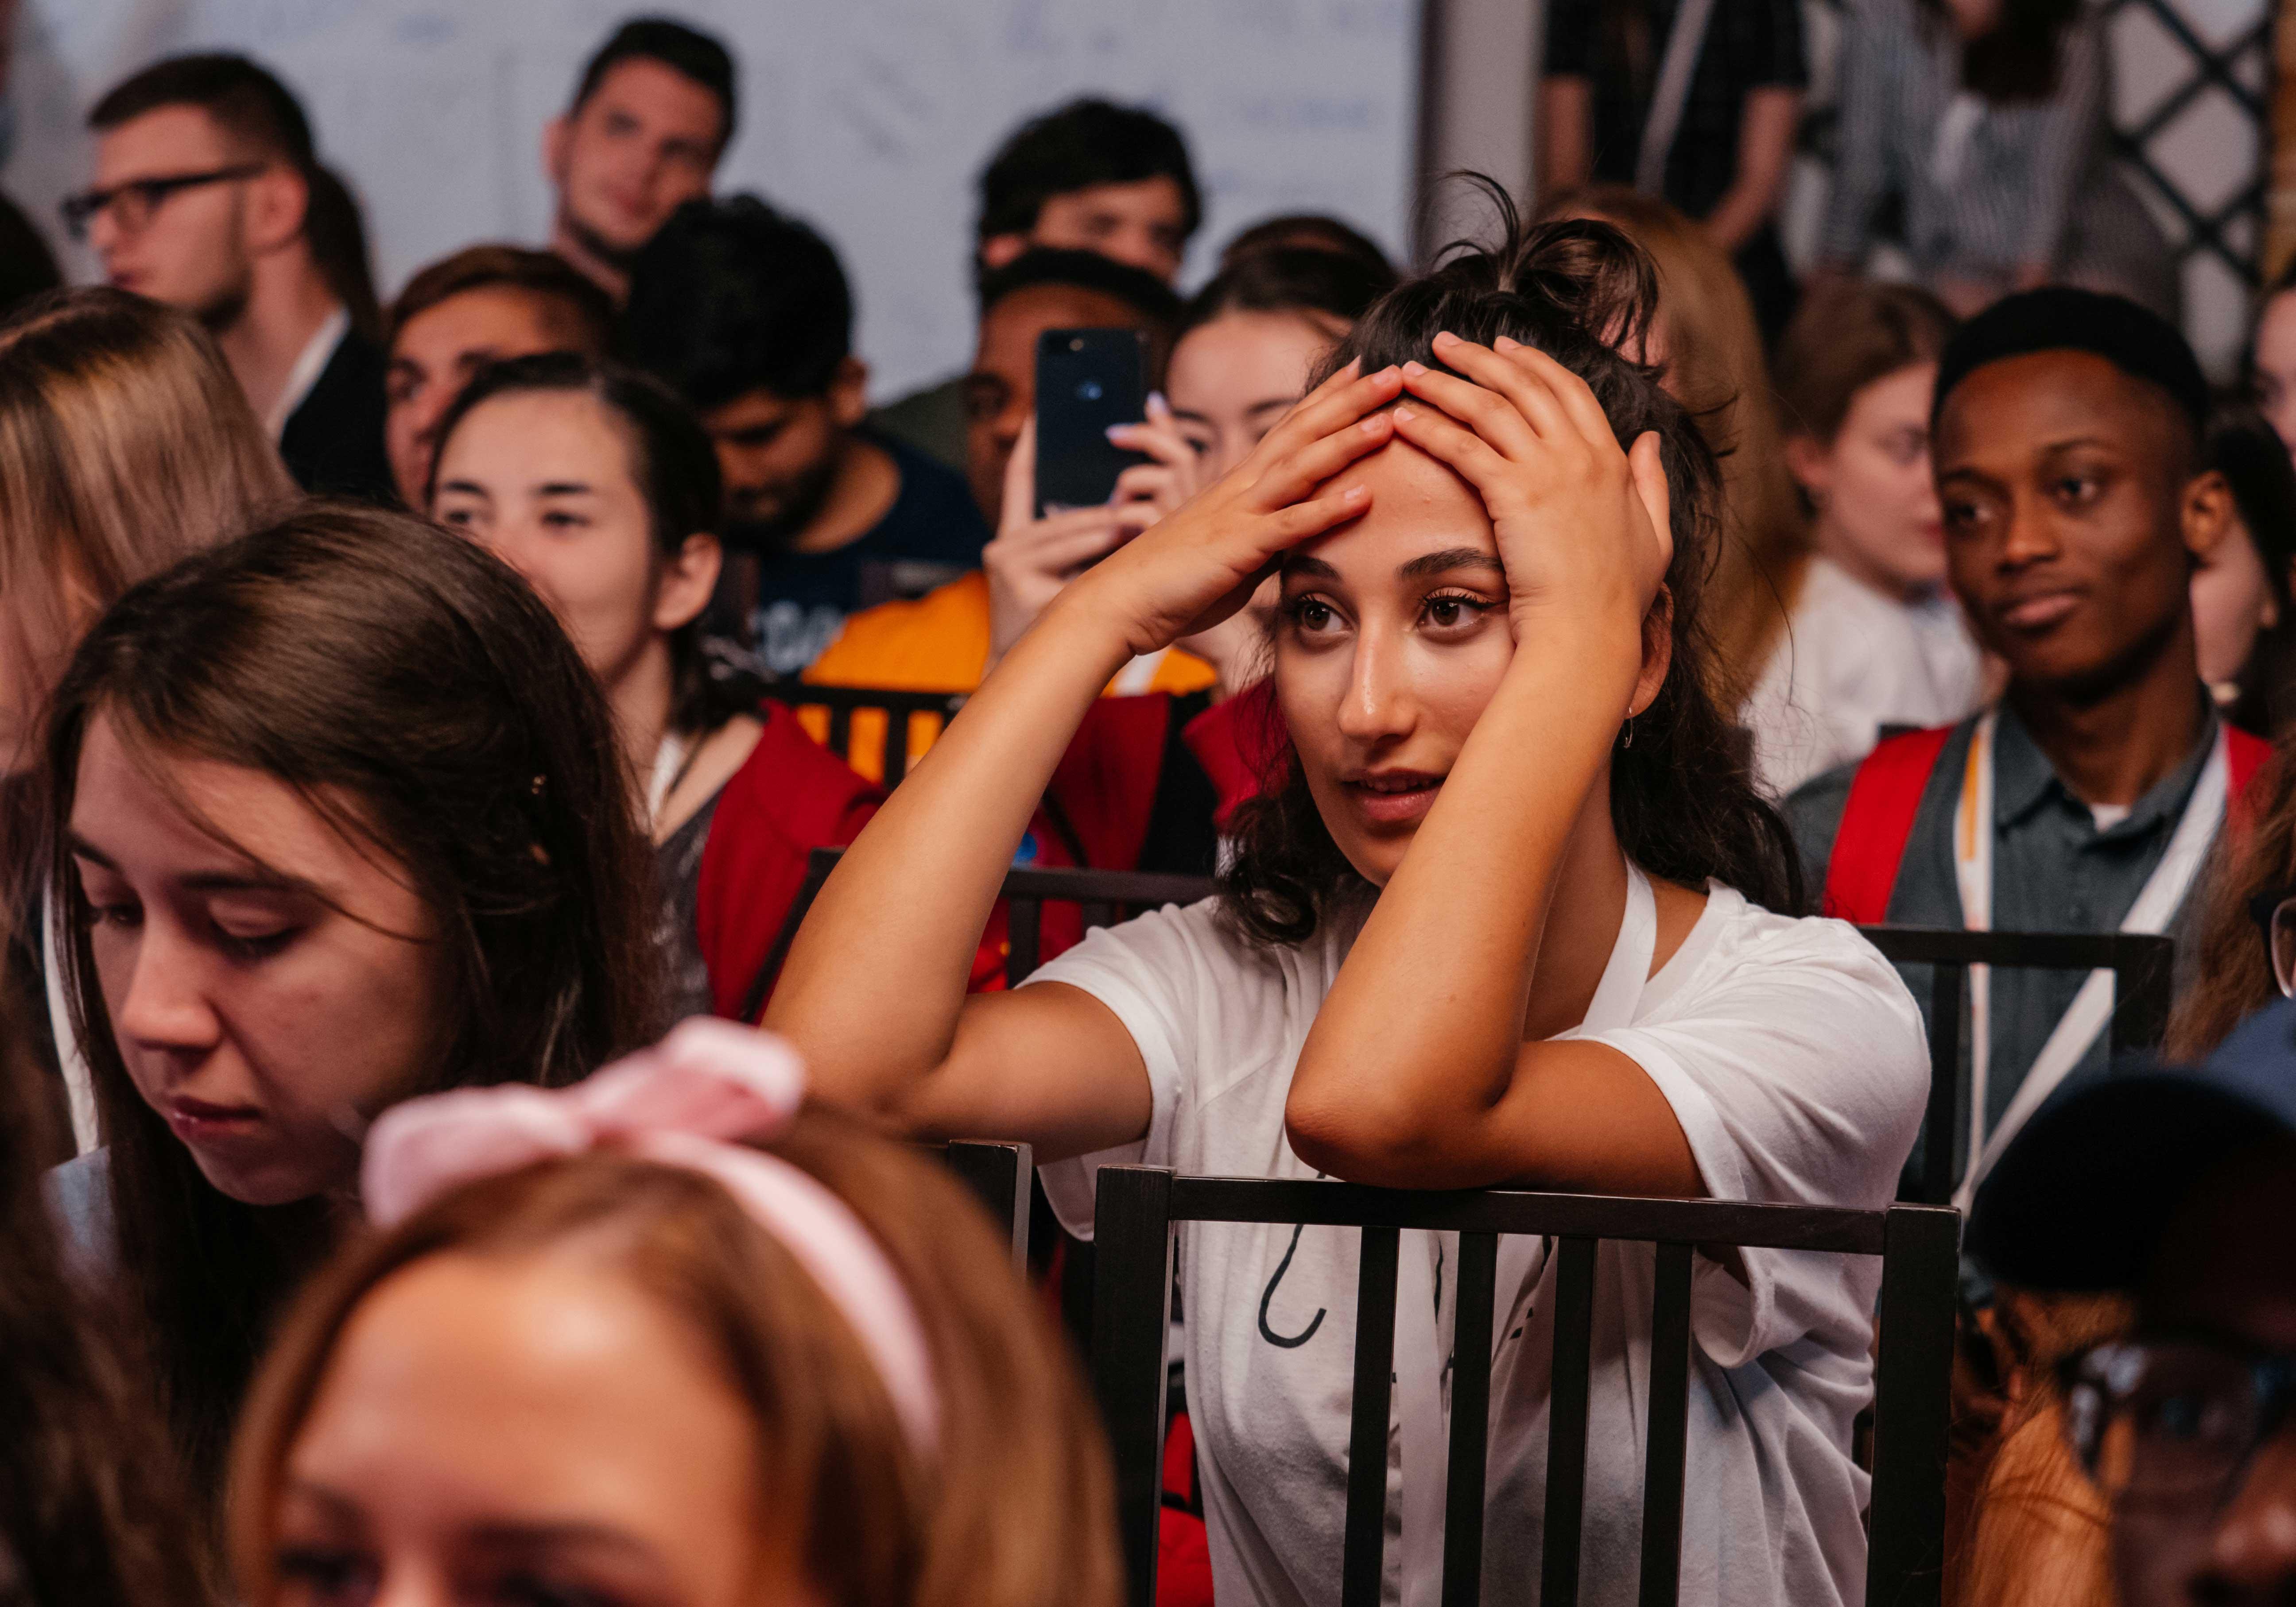 14 июля участники Летнего кампуса РАНХиГС узнали, как заниматься продвижением не только своего продукта, но и самого себя. Главную роль в этом играет персональный бренд, о котором подробно рассказал на встрече со студентами генеральный директор Eye Care Foundation, преподаватель РАНХиГС Бьерн Стенверс. Участники кампуса смогли узнать много полезных секретов для дальнейшего формирования собственного персонального бренда